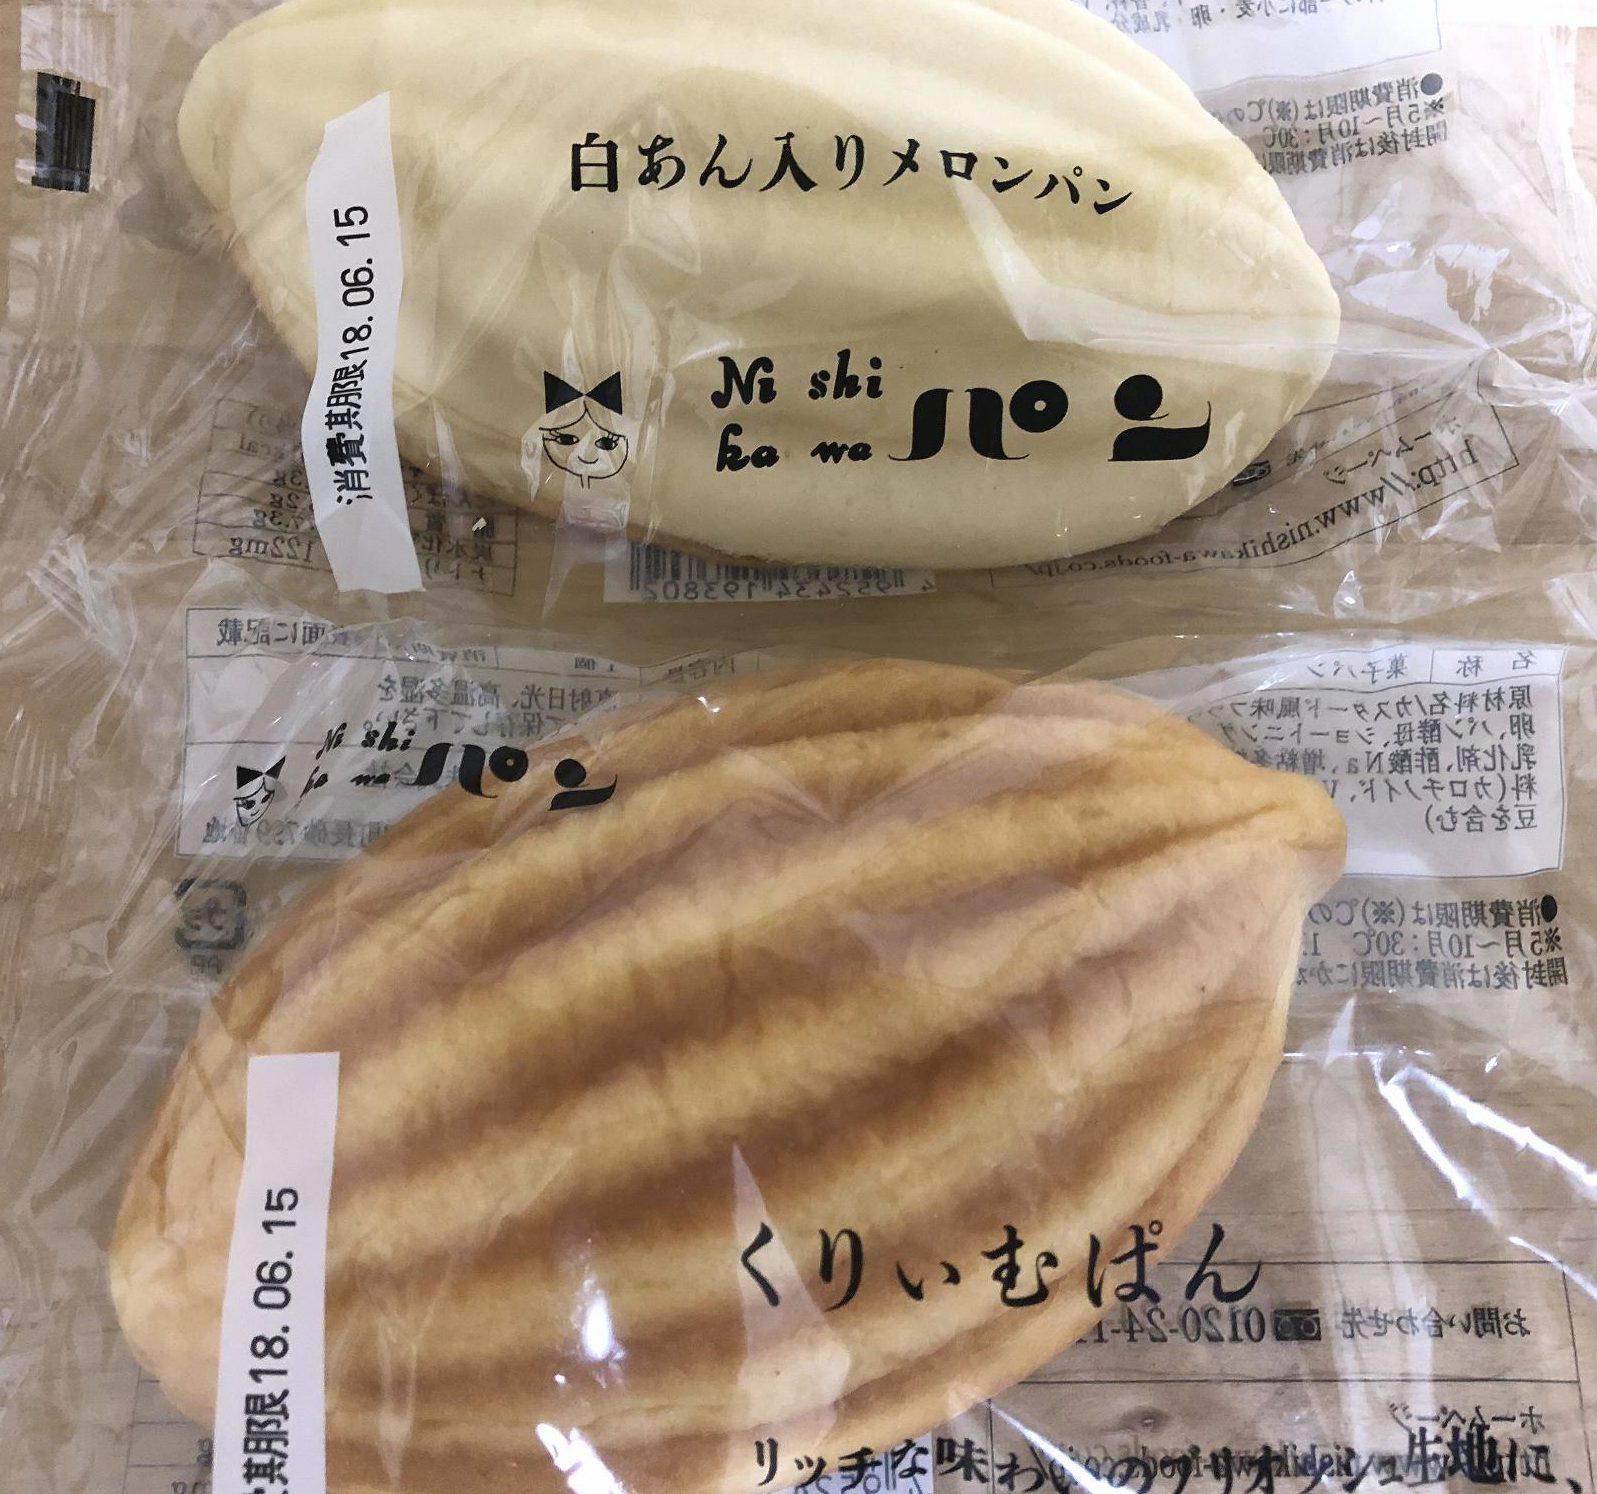 メロンパン型の「くりぃむぱん」を見つけたので、食べてみた! #メロンパン #くりぃむぱん #ニシカワ食品 #神戸ルール #神戸のメロンパン